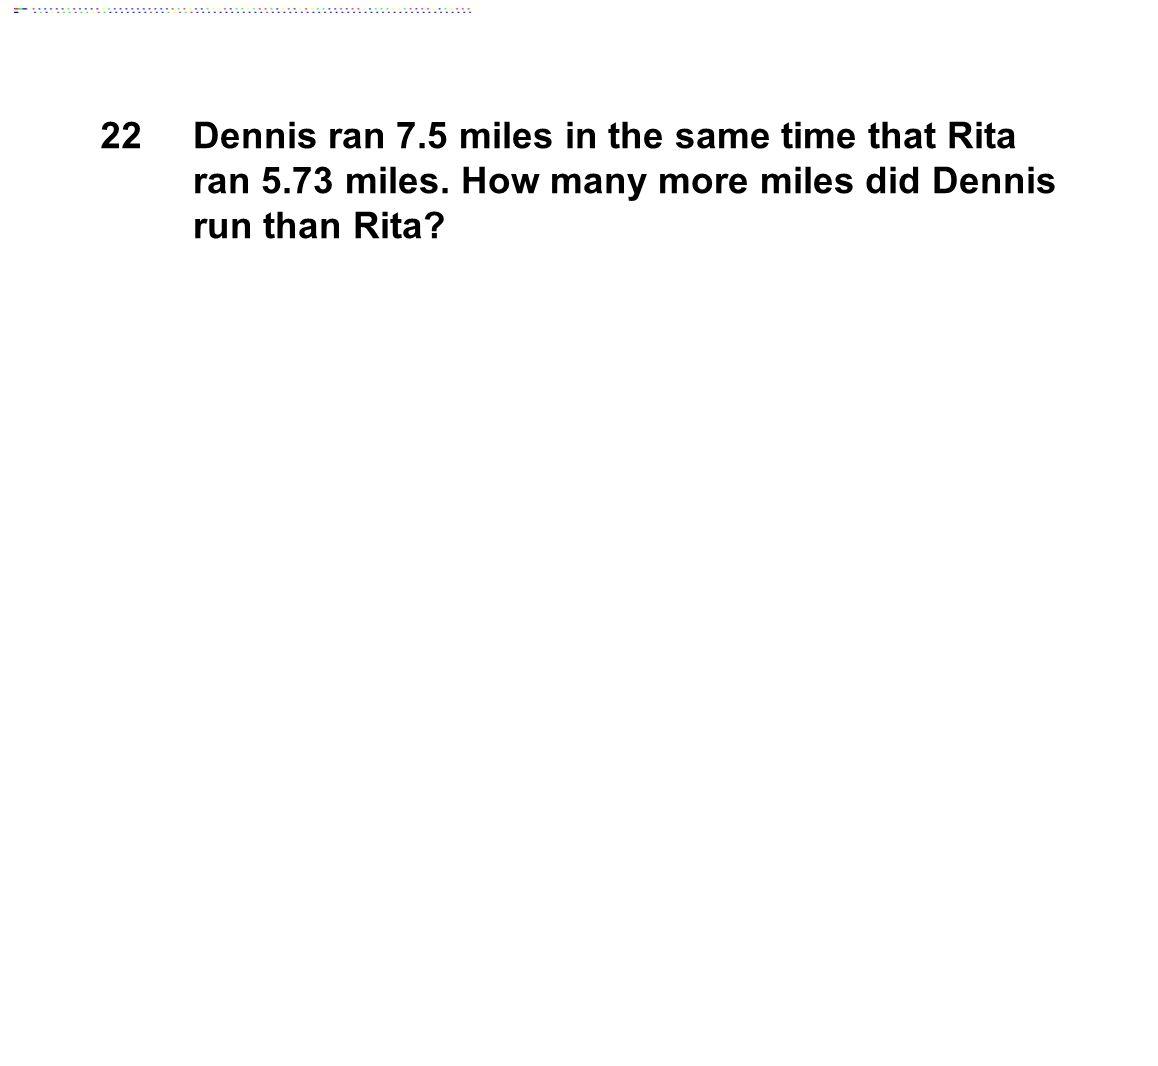 22 Dennis ran 7.5 miles in the same time that Rita ran 5.73 miles.